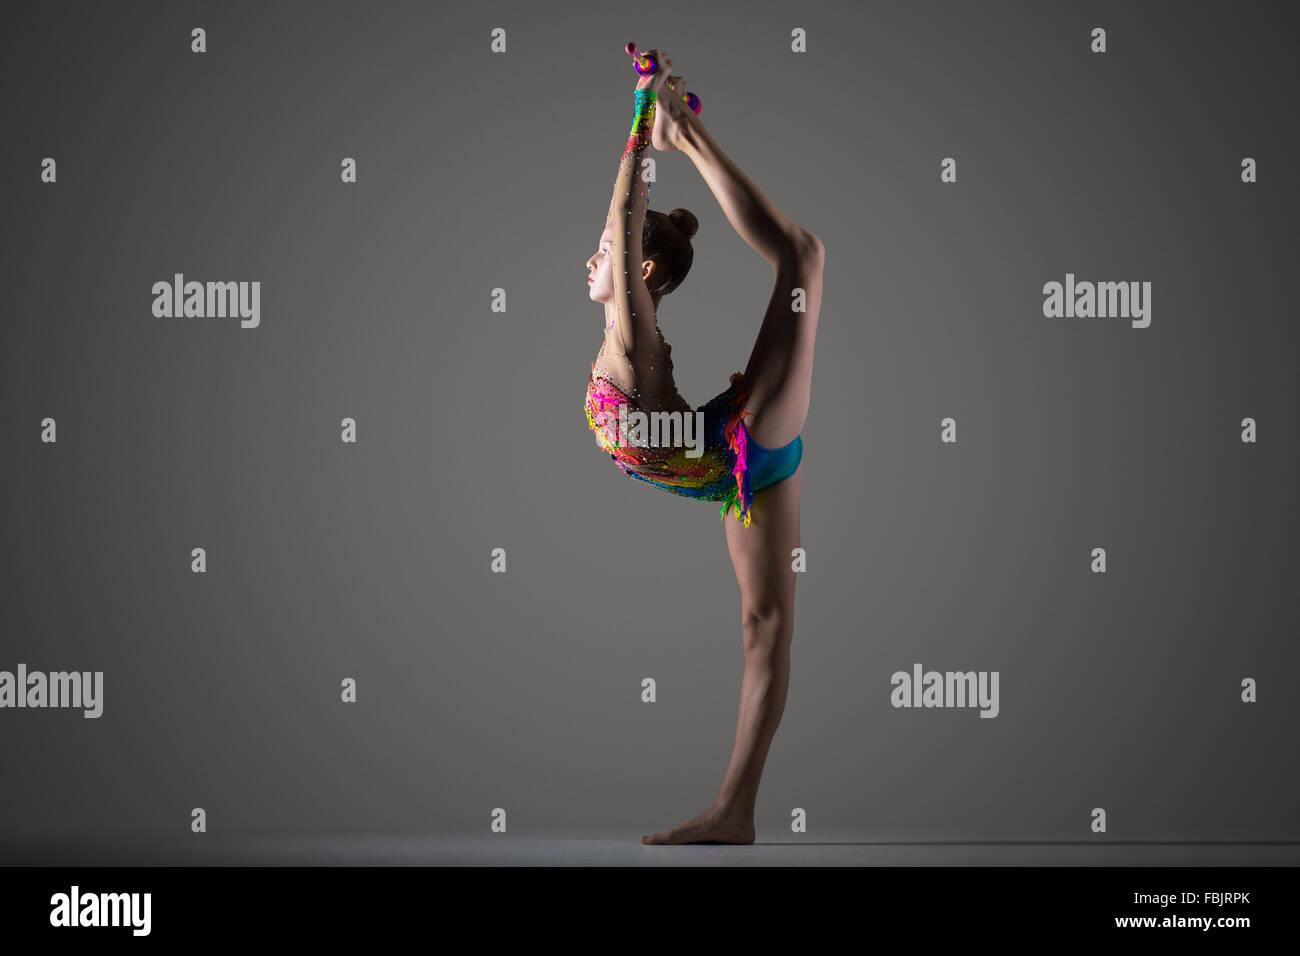 Hermosa joven mujer cool fit gimnasta en coloridos sportswear trabajando fuera, de pie sobre una pierna, realizando Imagen De Stock